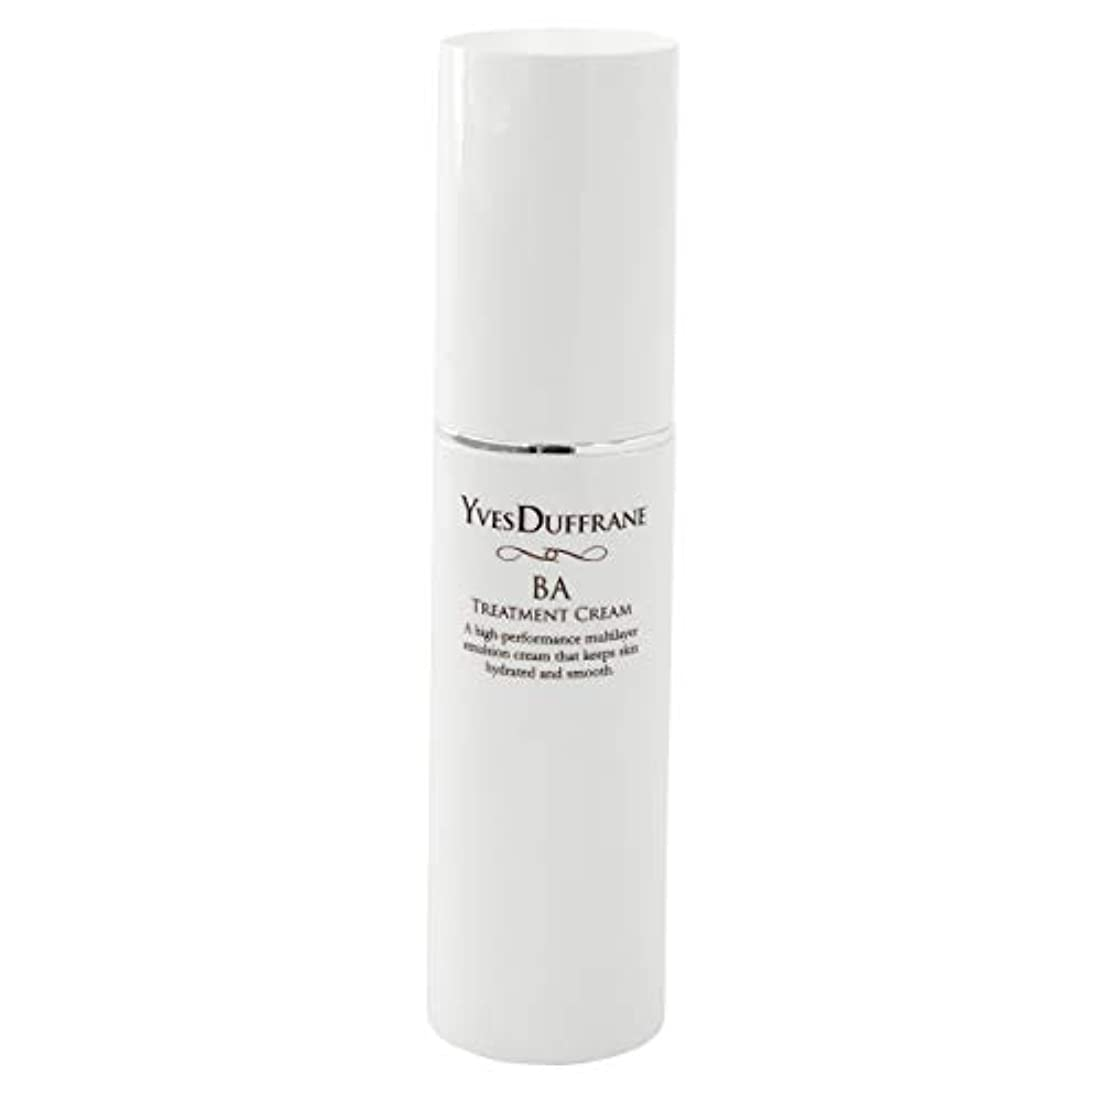 楽なシール有罪セラミド 美容クリーム [BAトリートメント クリーム ] 顔 目元 敏感肌 保湿 セラミド ビタミンC誘導体 バイオアンテージ配合